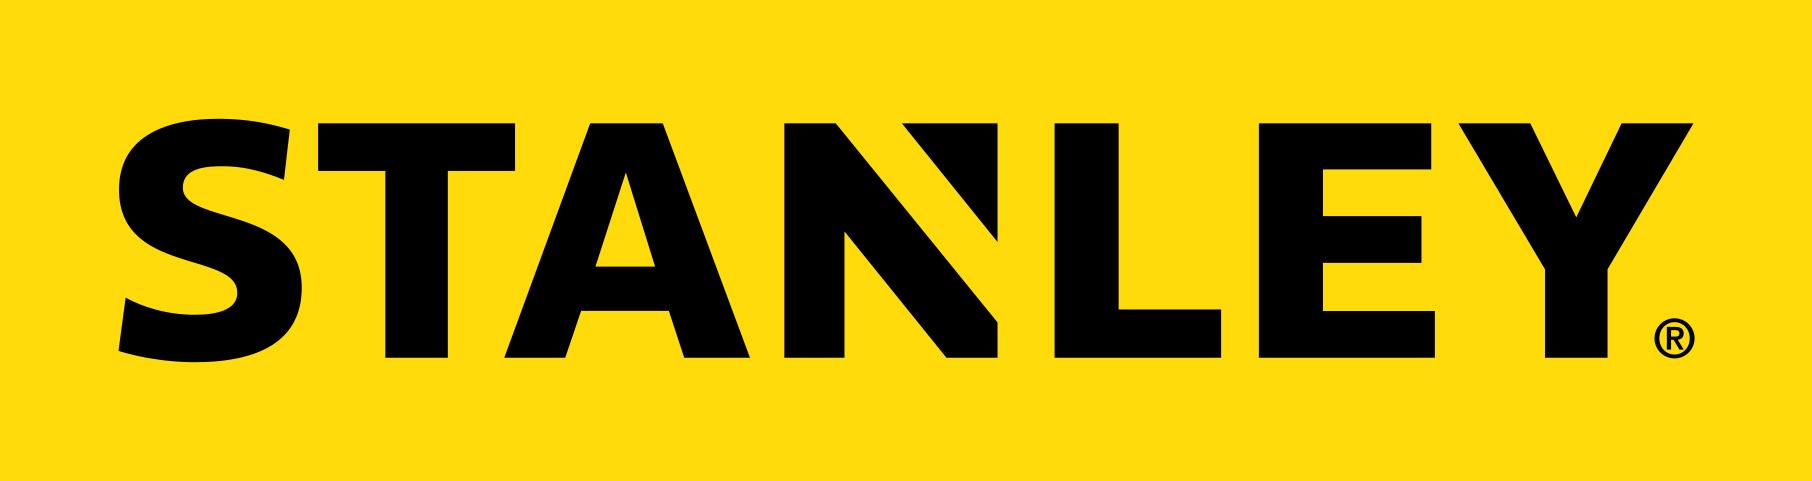 STANLEY a DeWALT